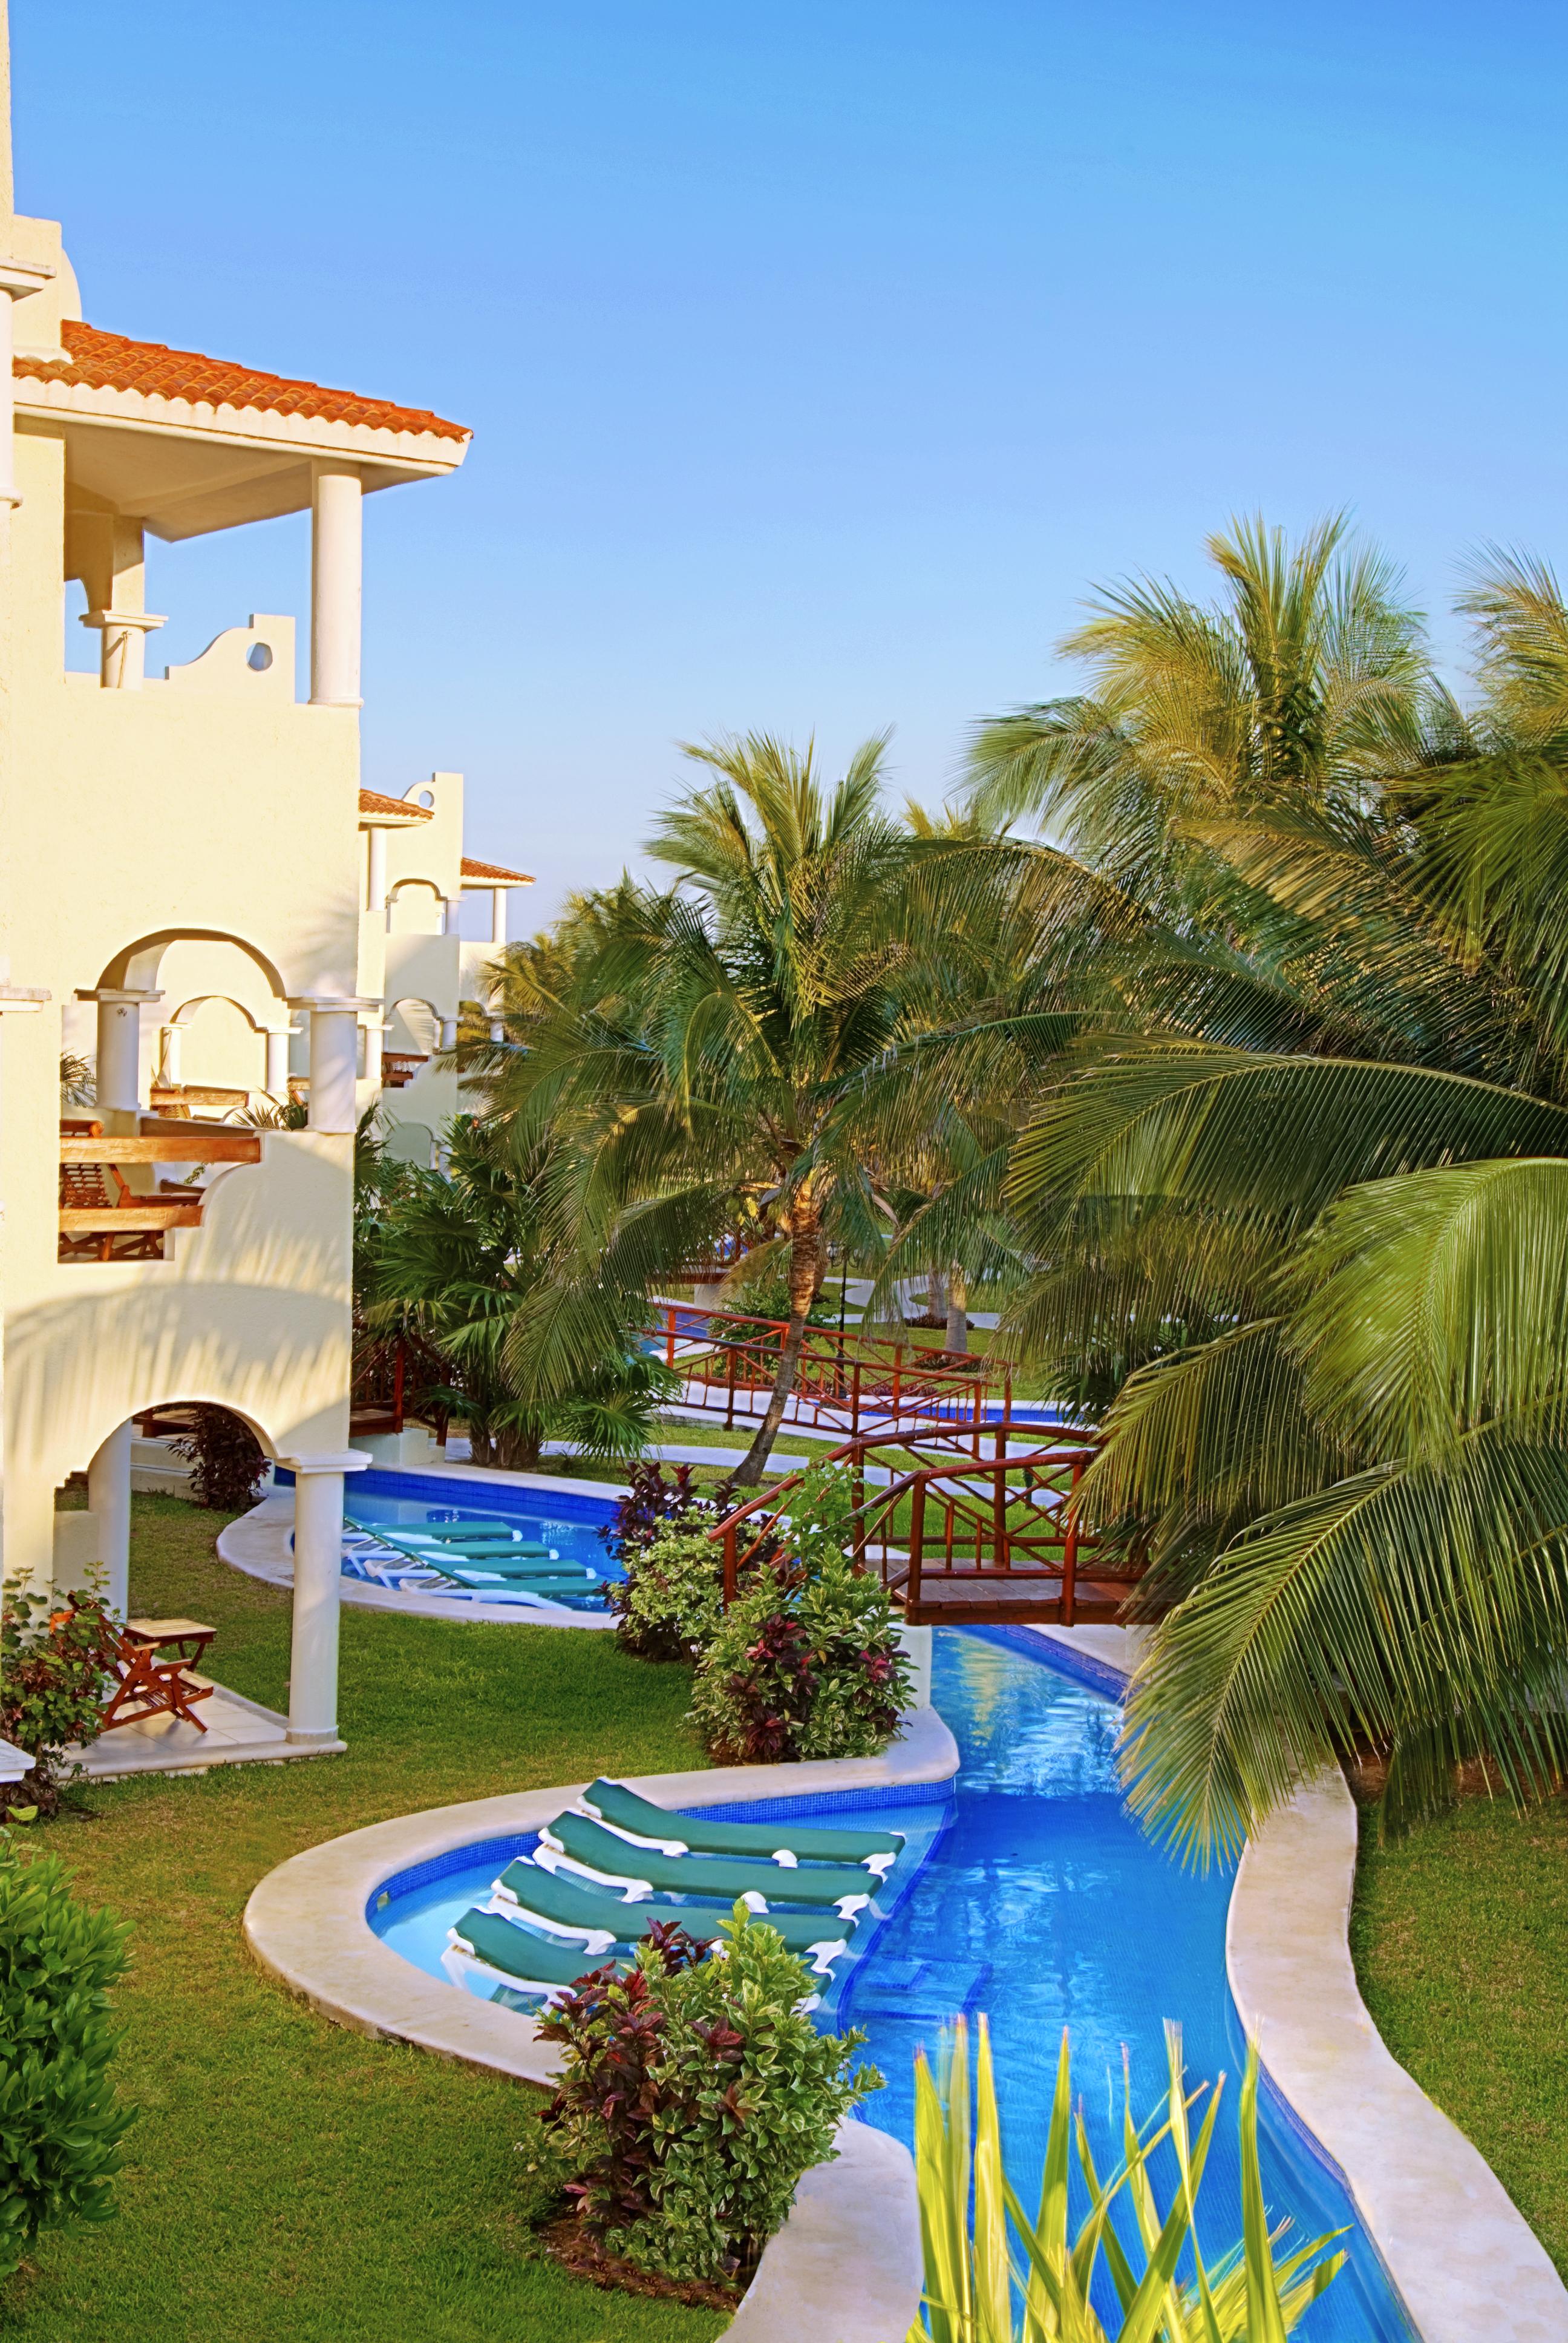 El Dorado Casitas Royale Inclusive Vacation Package